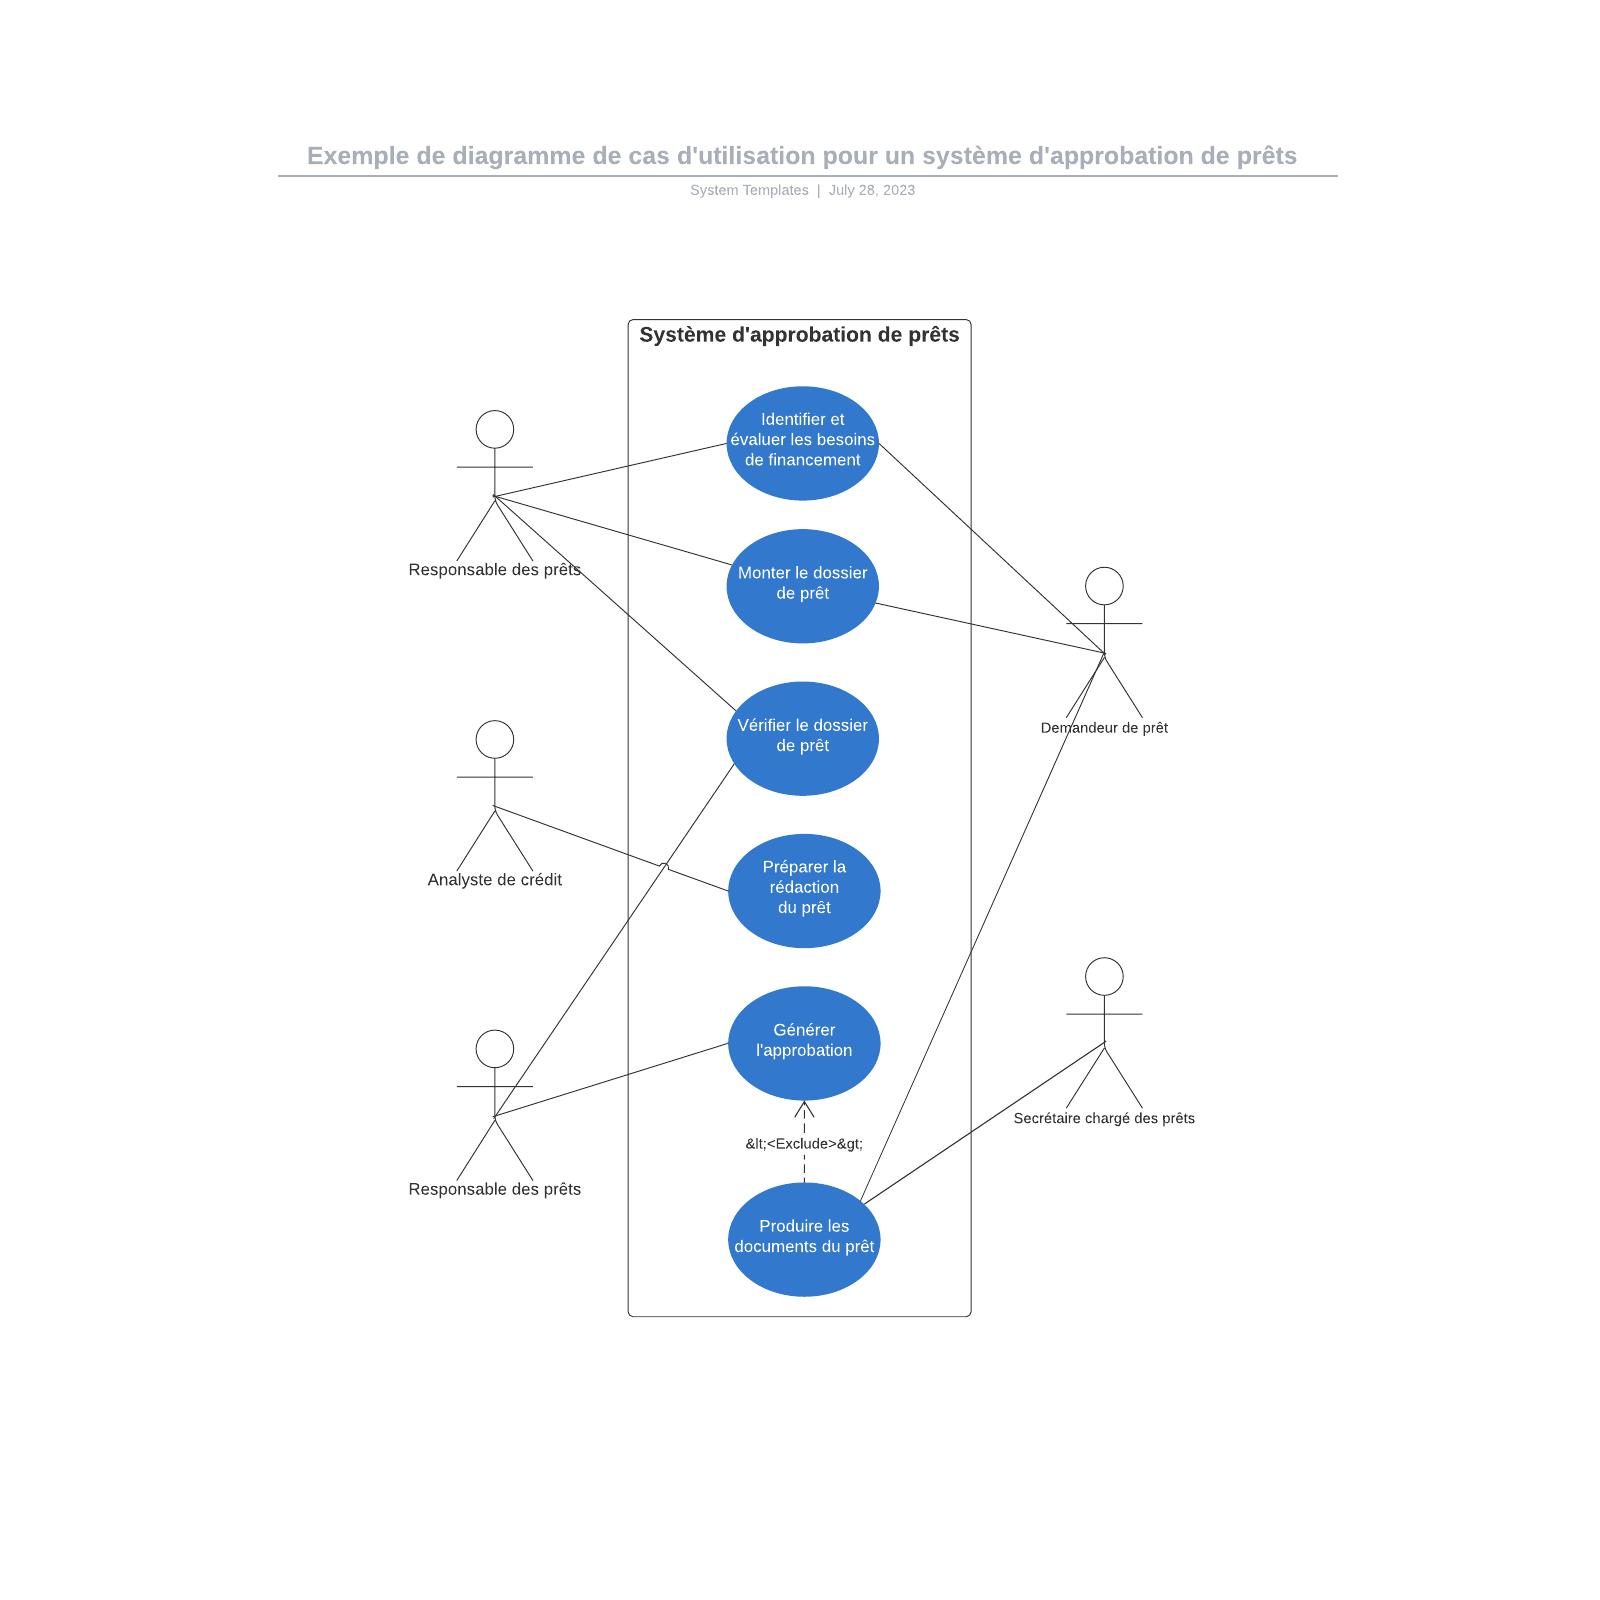 exemple de diagramme de cas d'utilisation pour un système d'approbation de prêts